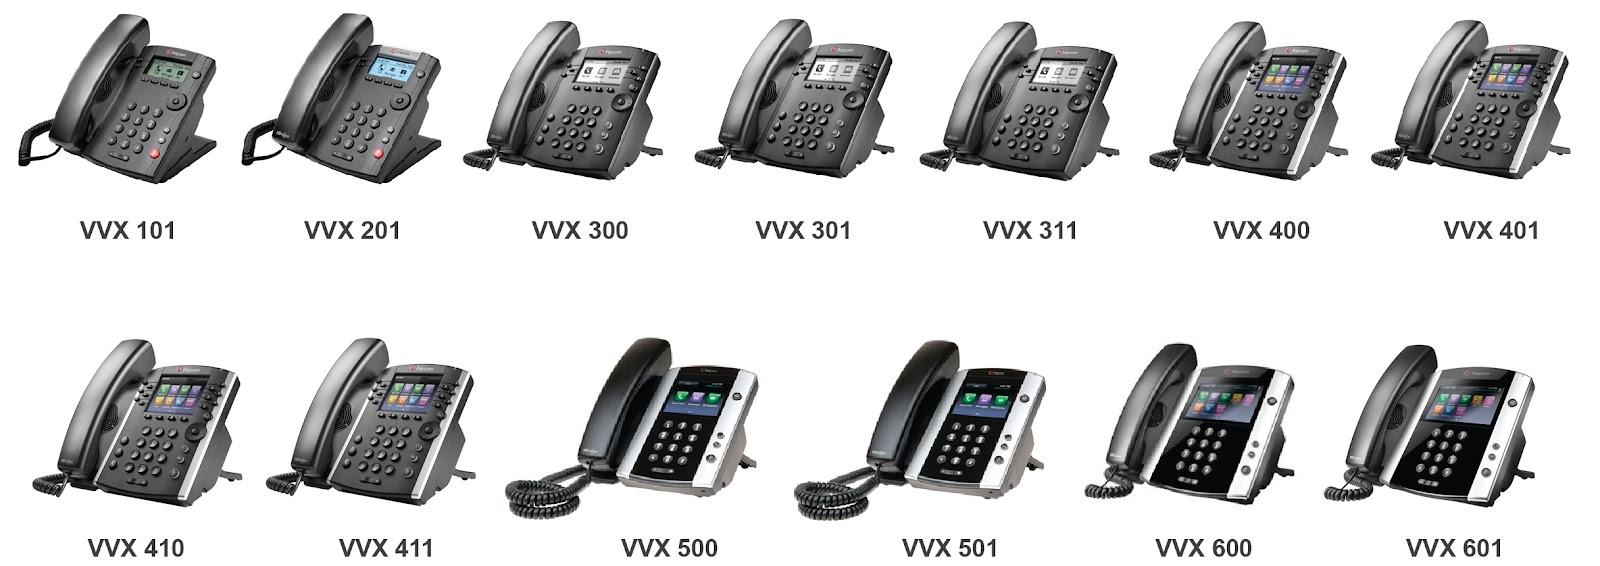 SOUNDPOINT VVX Series.jpg